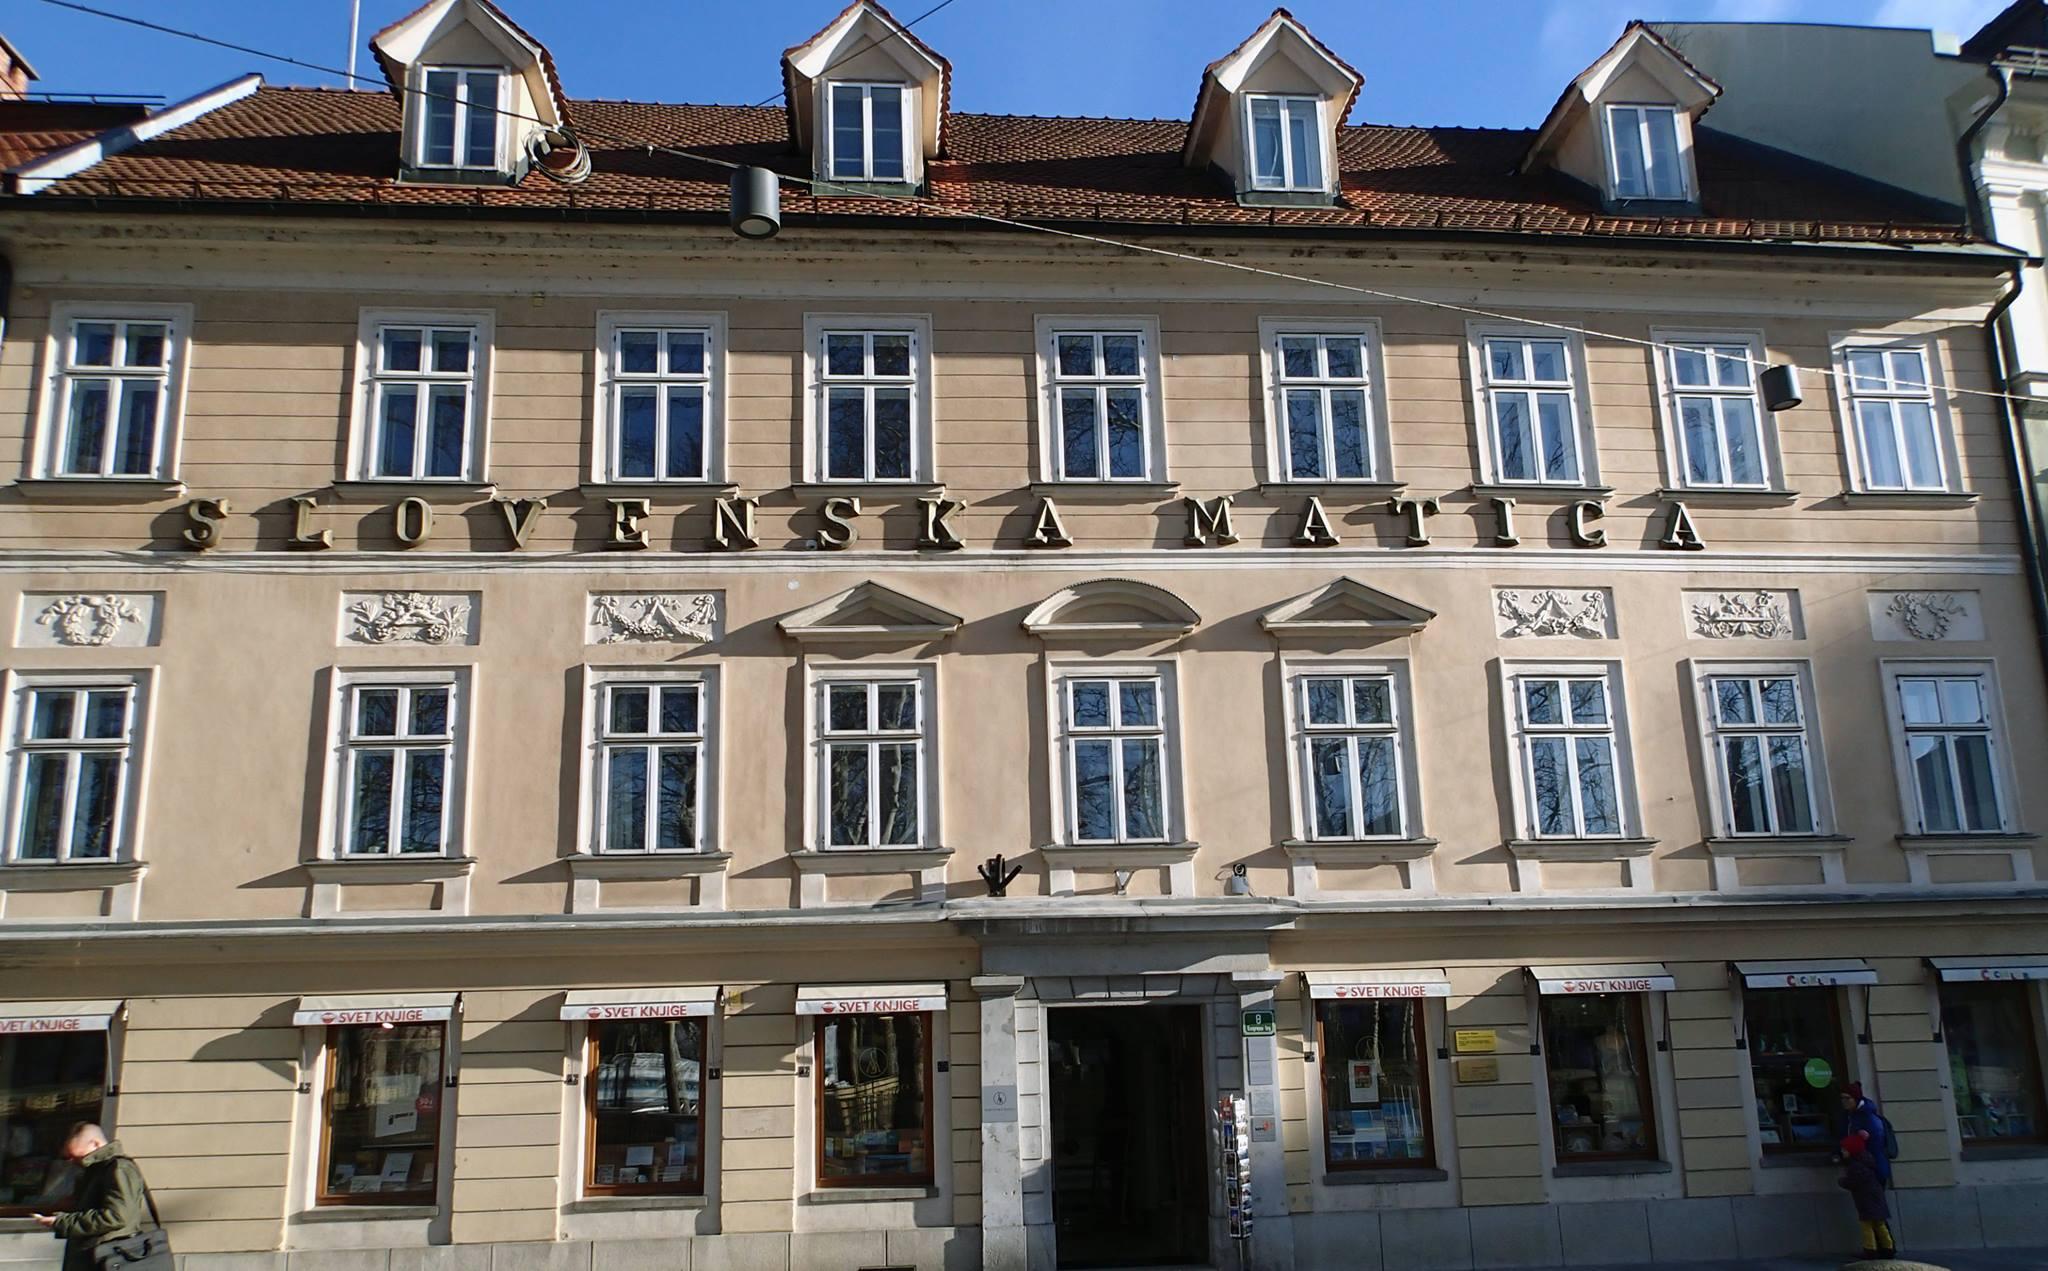 155 let Slovenske matice in njene knjižne smernice danes